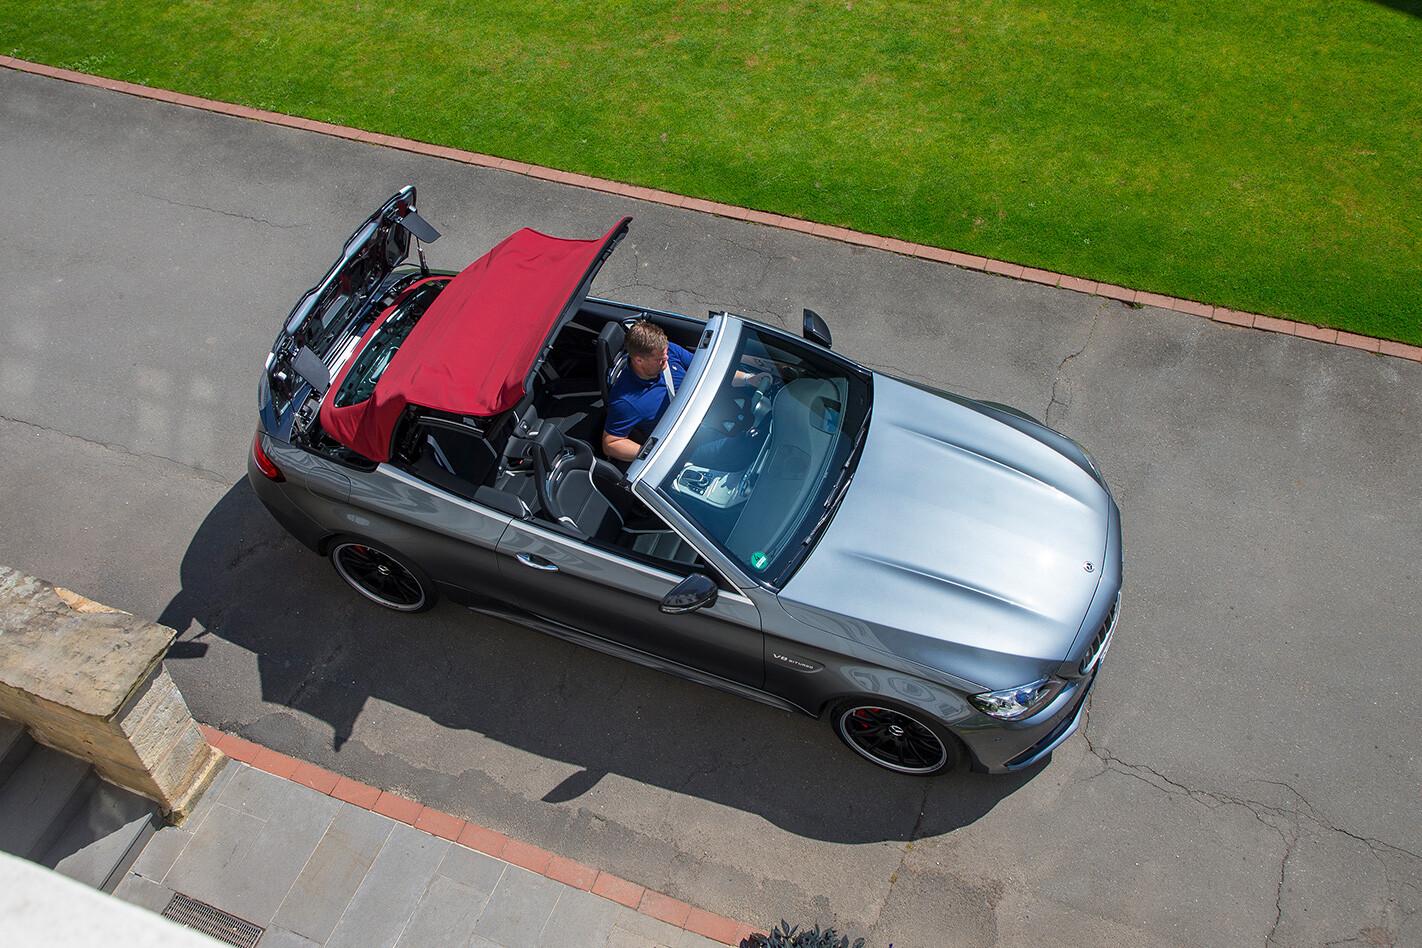 Mercedes Amg C 63 Cabriolet Roof Up Jpg